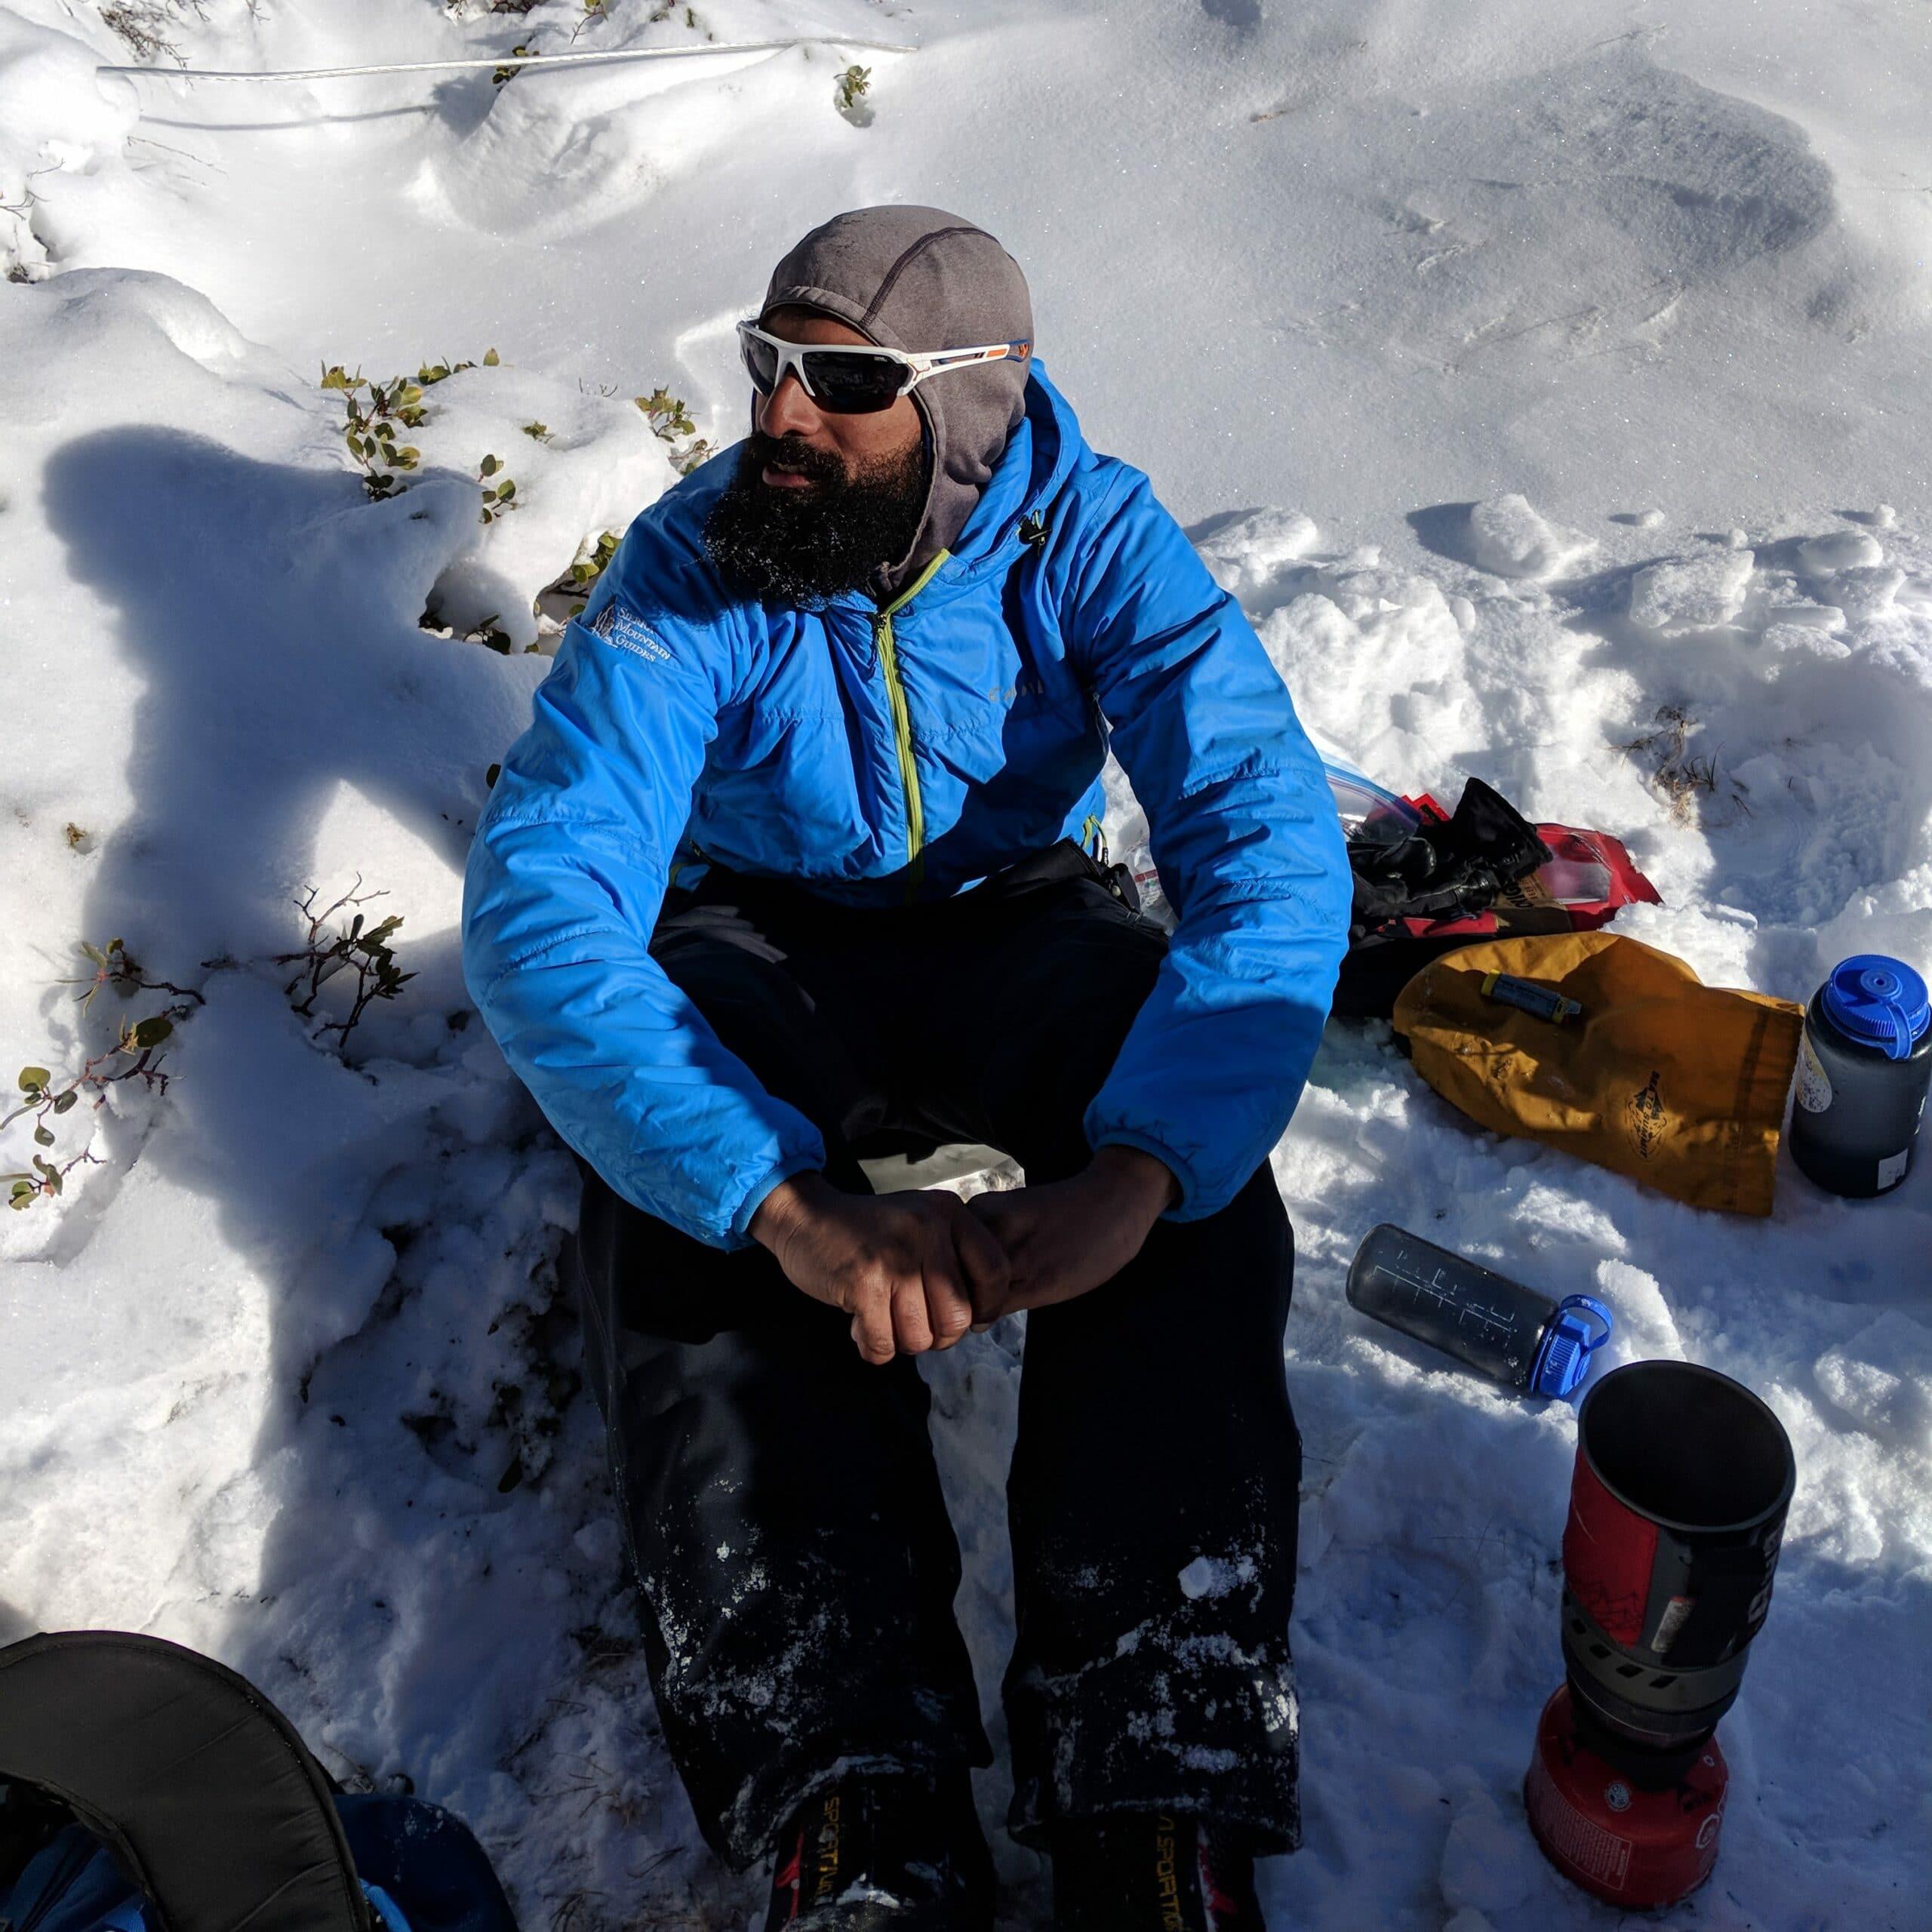 Mon aventure en montagne 4